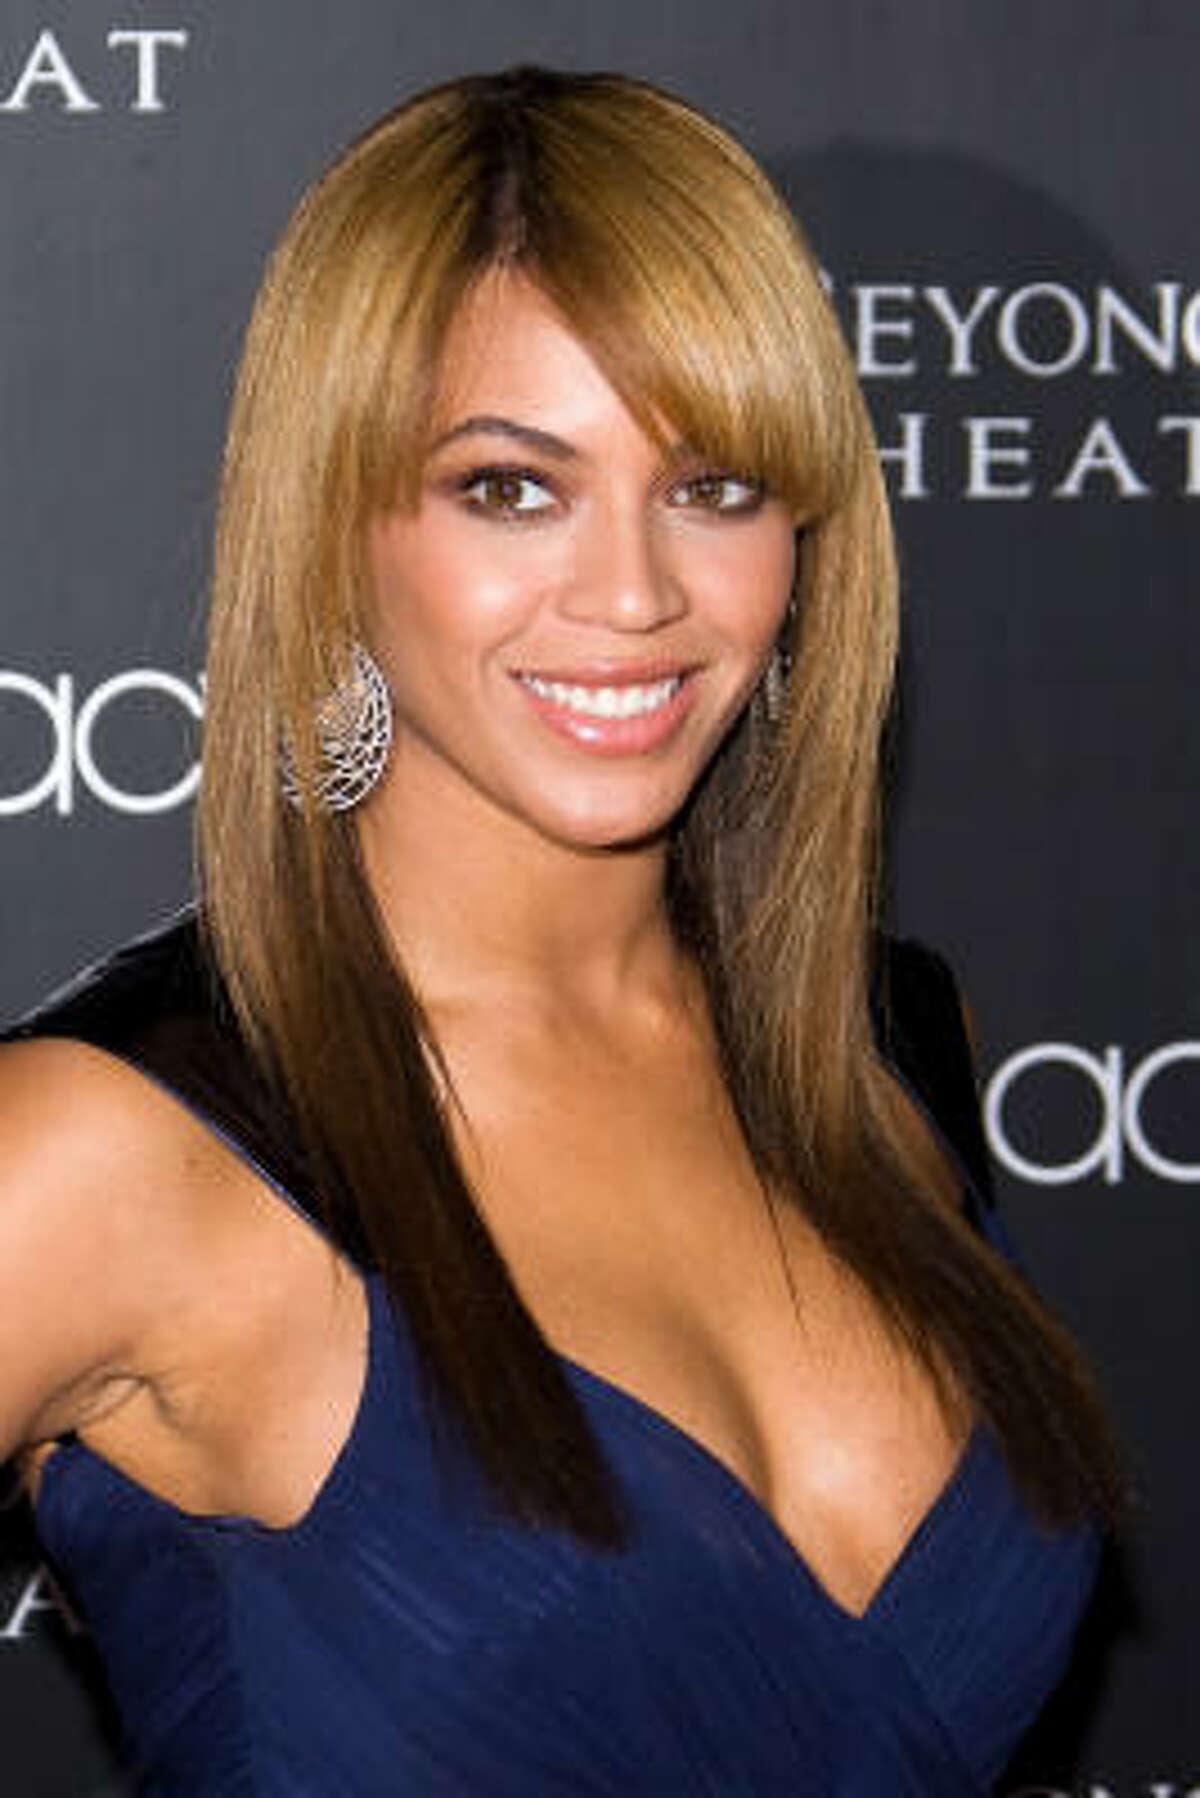 9. Beyonce $87 million